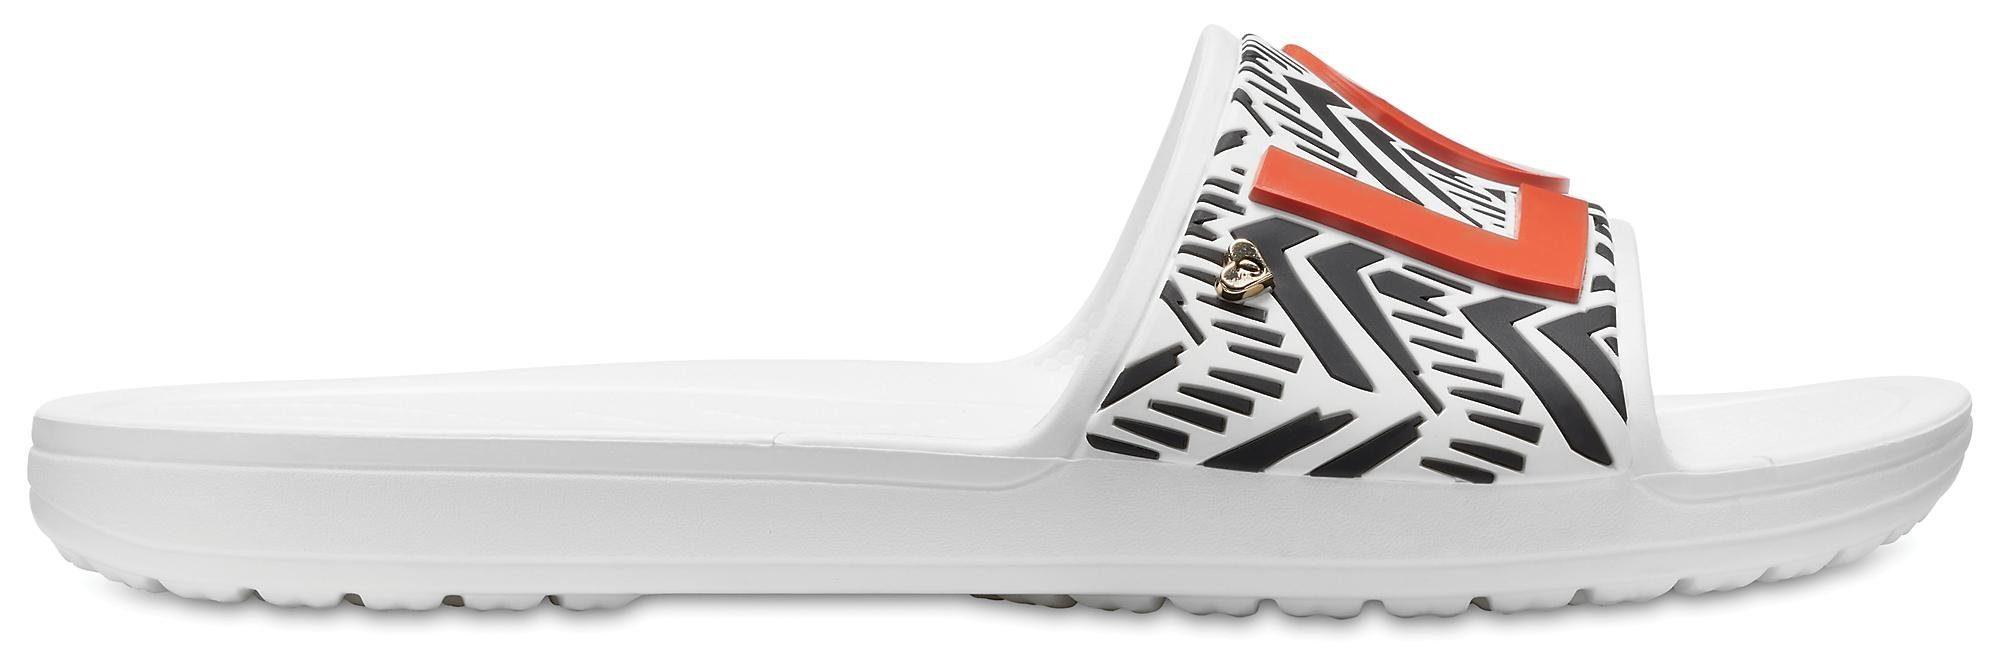 Crocs Drew Barrymore X Crocs Sloane Trib Sandal Pantolette, mit auffälligem LOVE Schriftzug online kaufen  weiß-schwarz